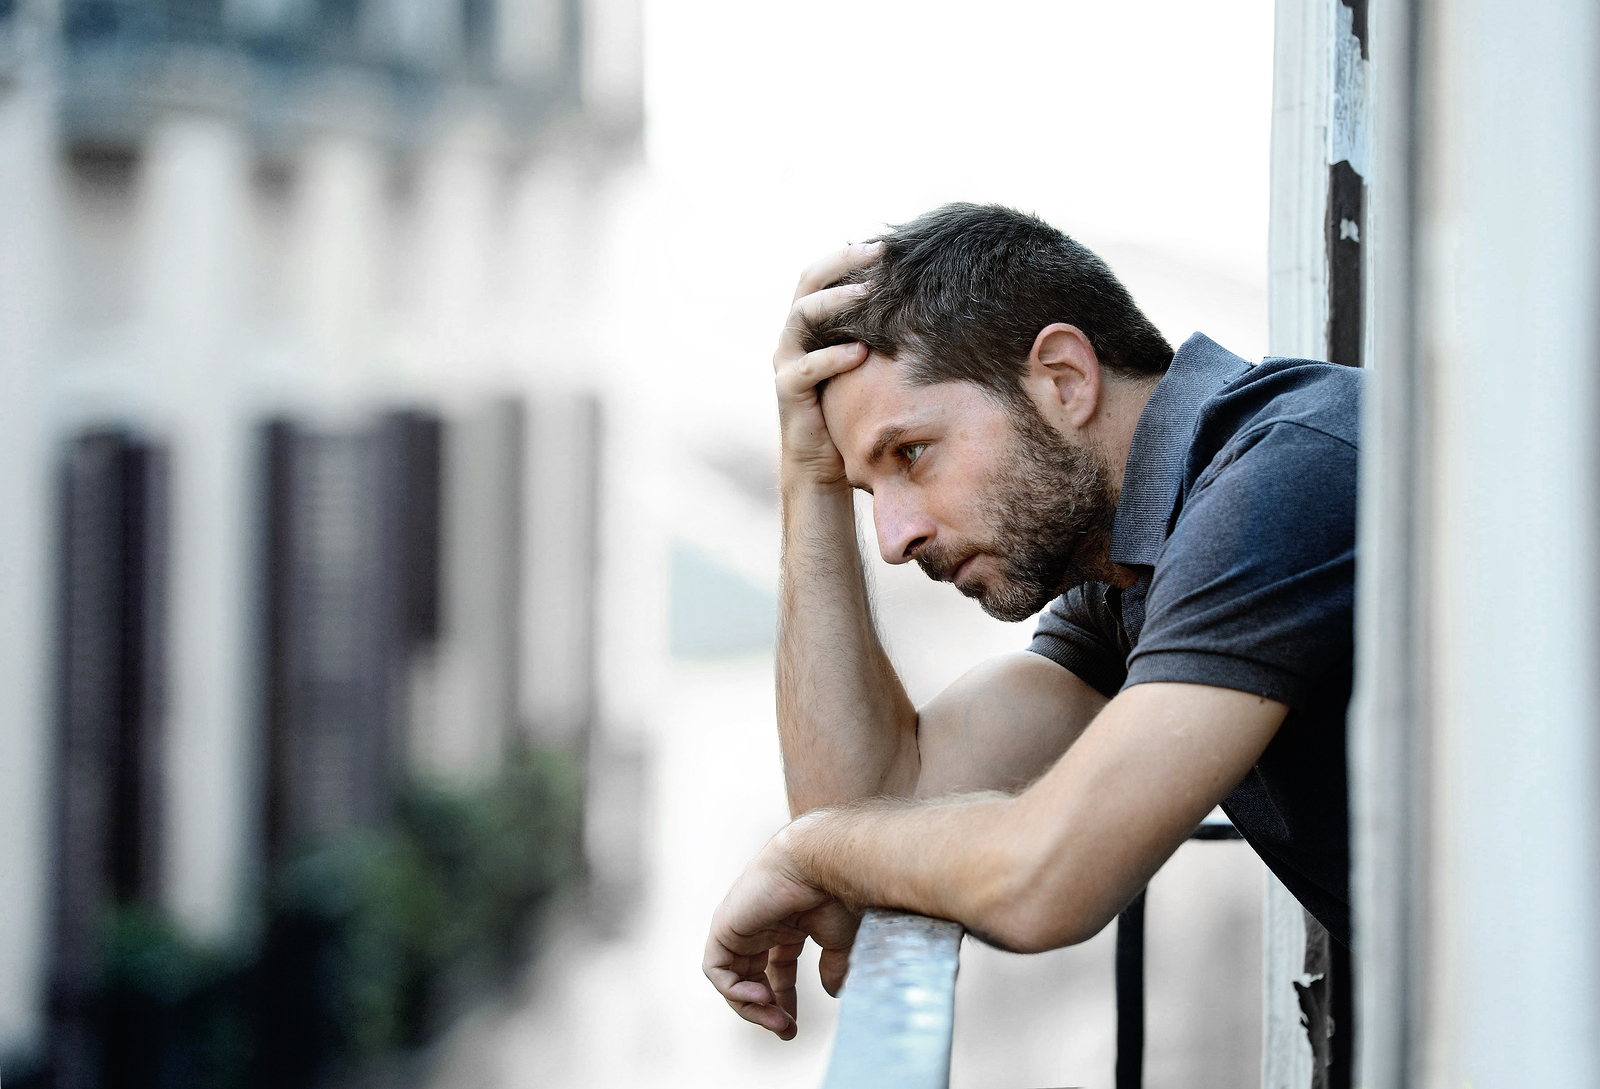 Открытки днем, грустные картинки мужчине